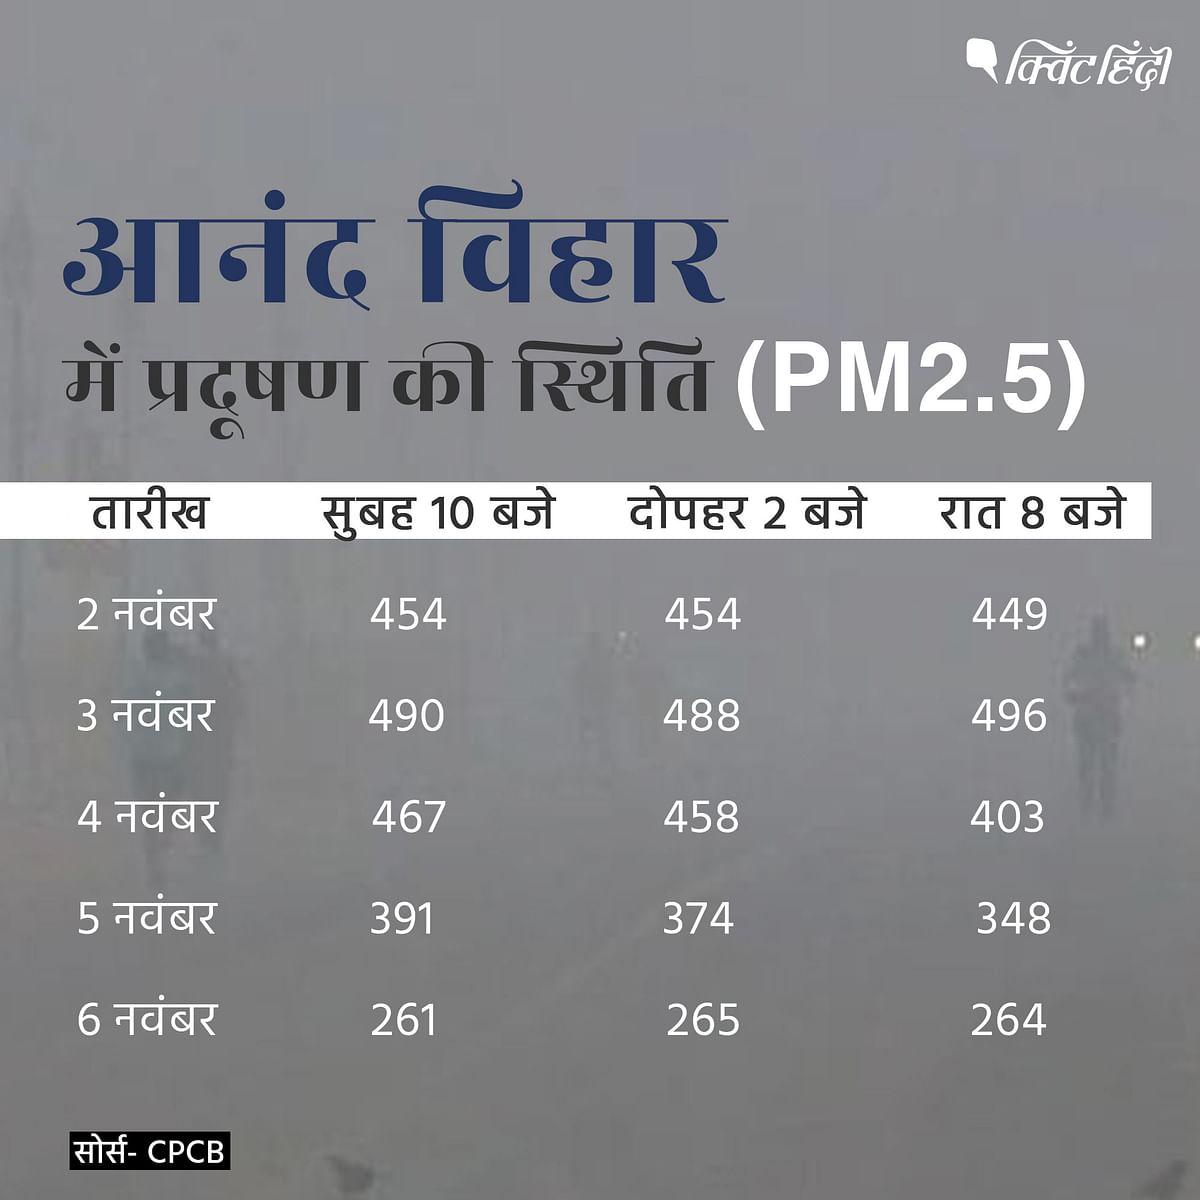 ऑड-ईवन ने सुधारी दिल्ली की हवा? AQI के आंकड़ों से जानिए